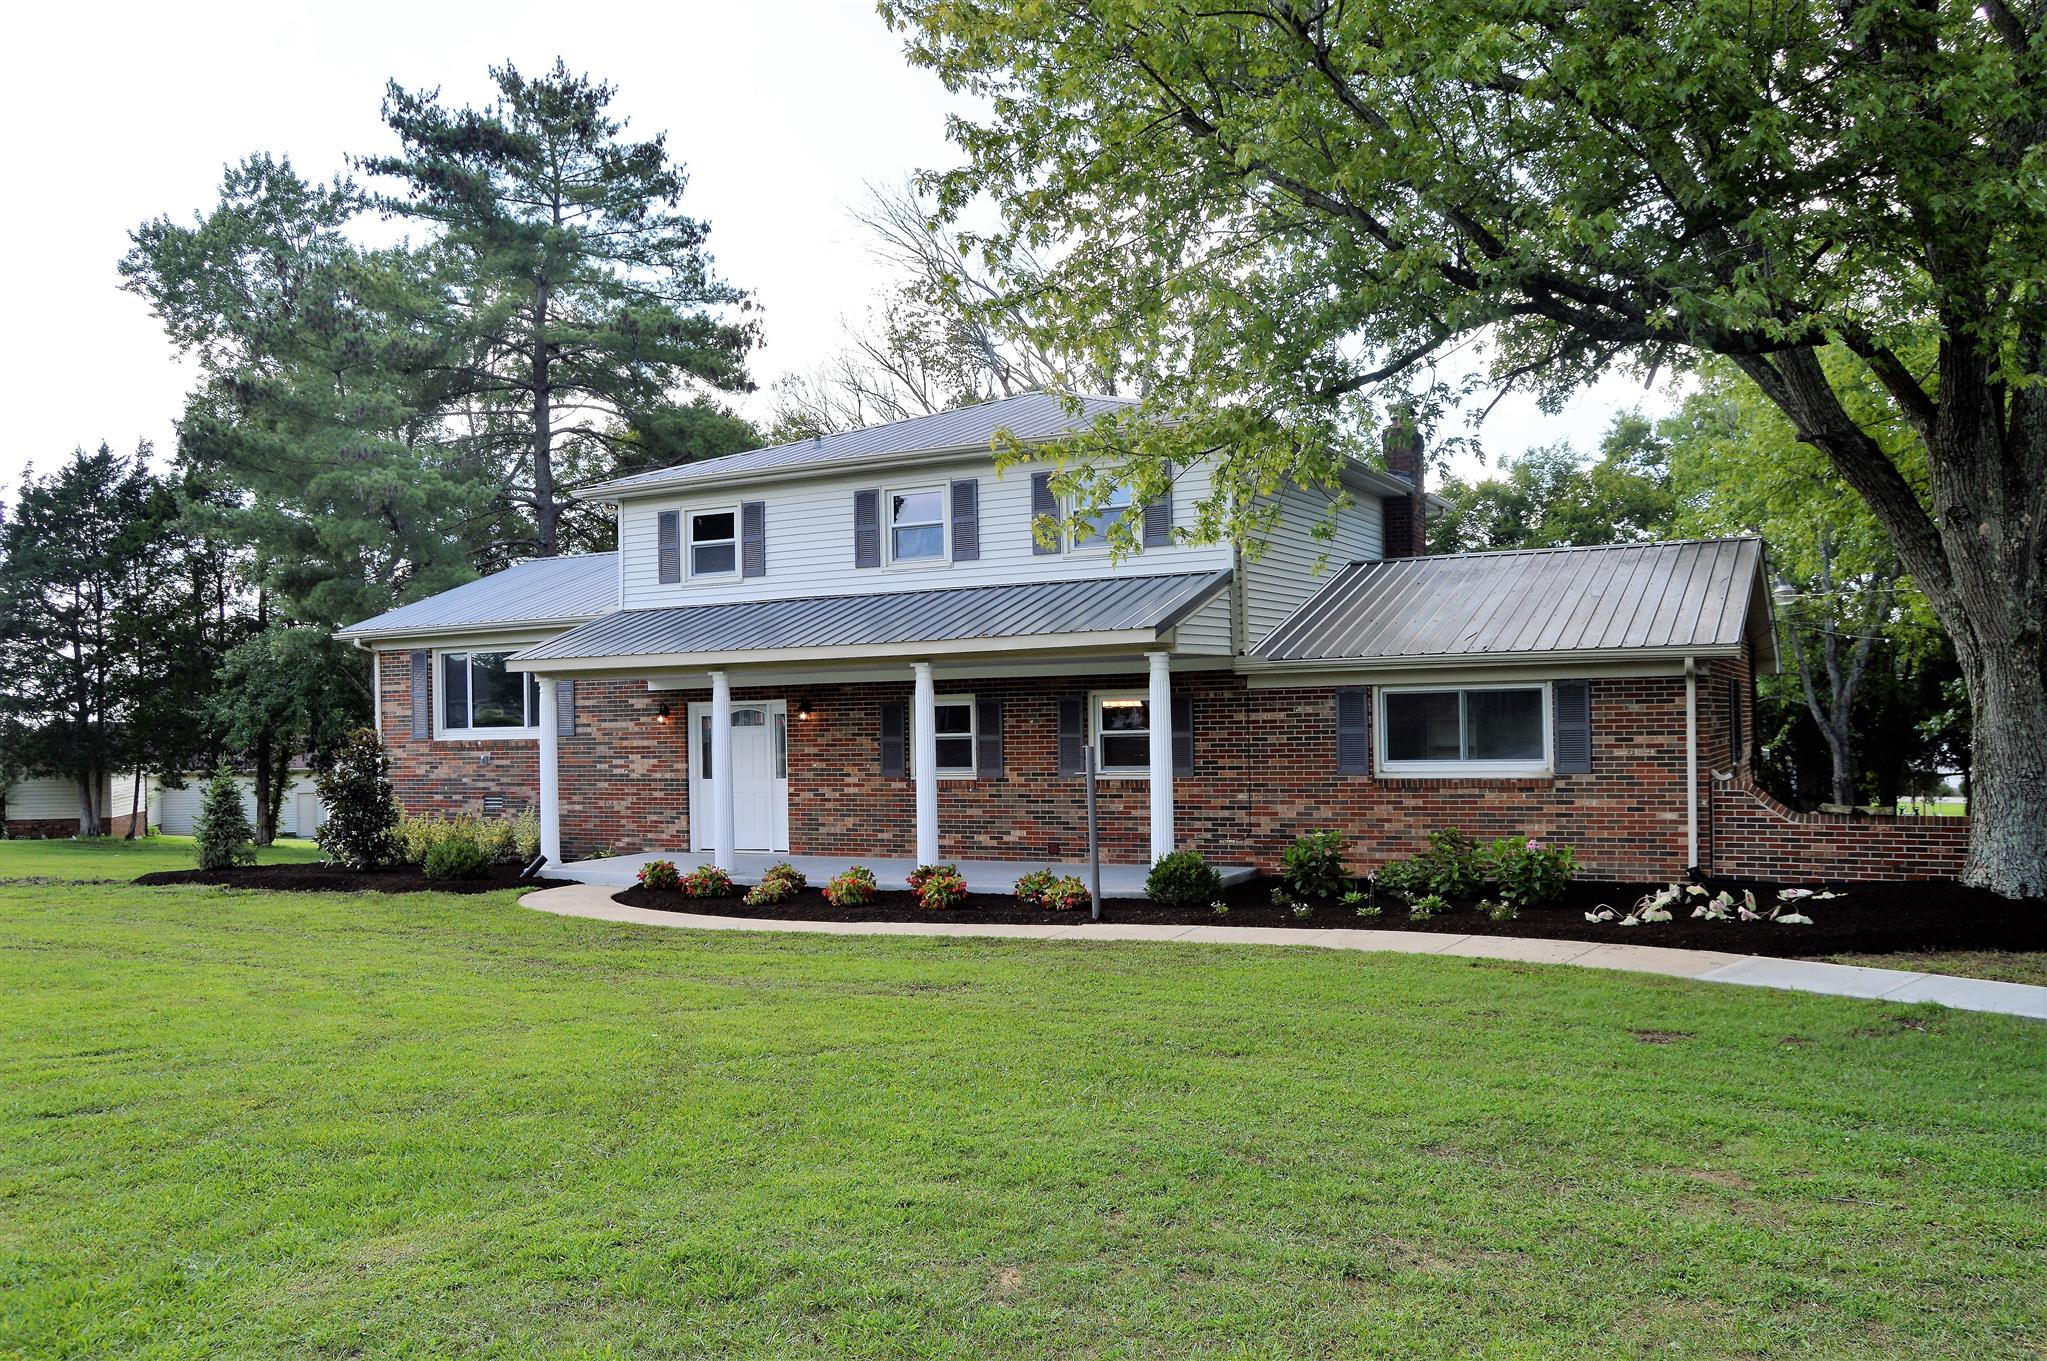 1129 Horse Mtn Rd, Shelbyville, TN 37160 - Shelbyville, TN real estate listing